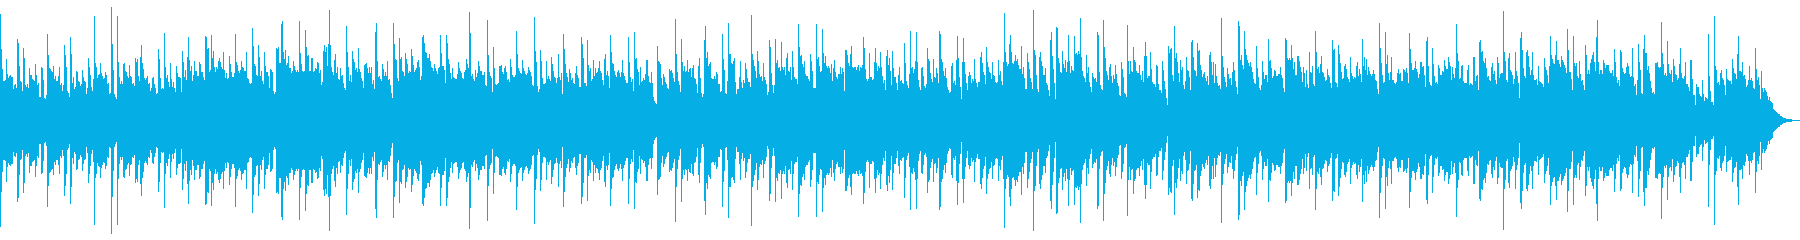 ゆったりしたサックスのバラードの再生済みの波形